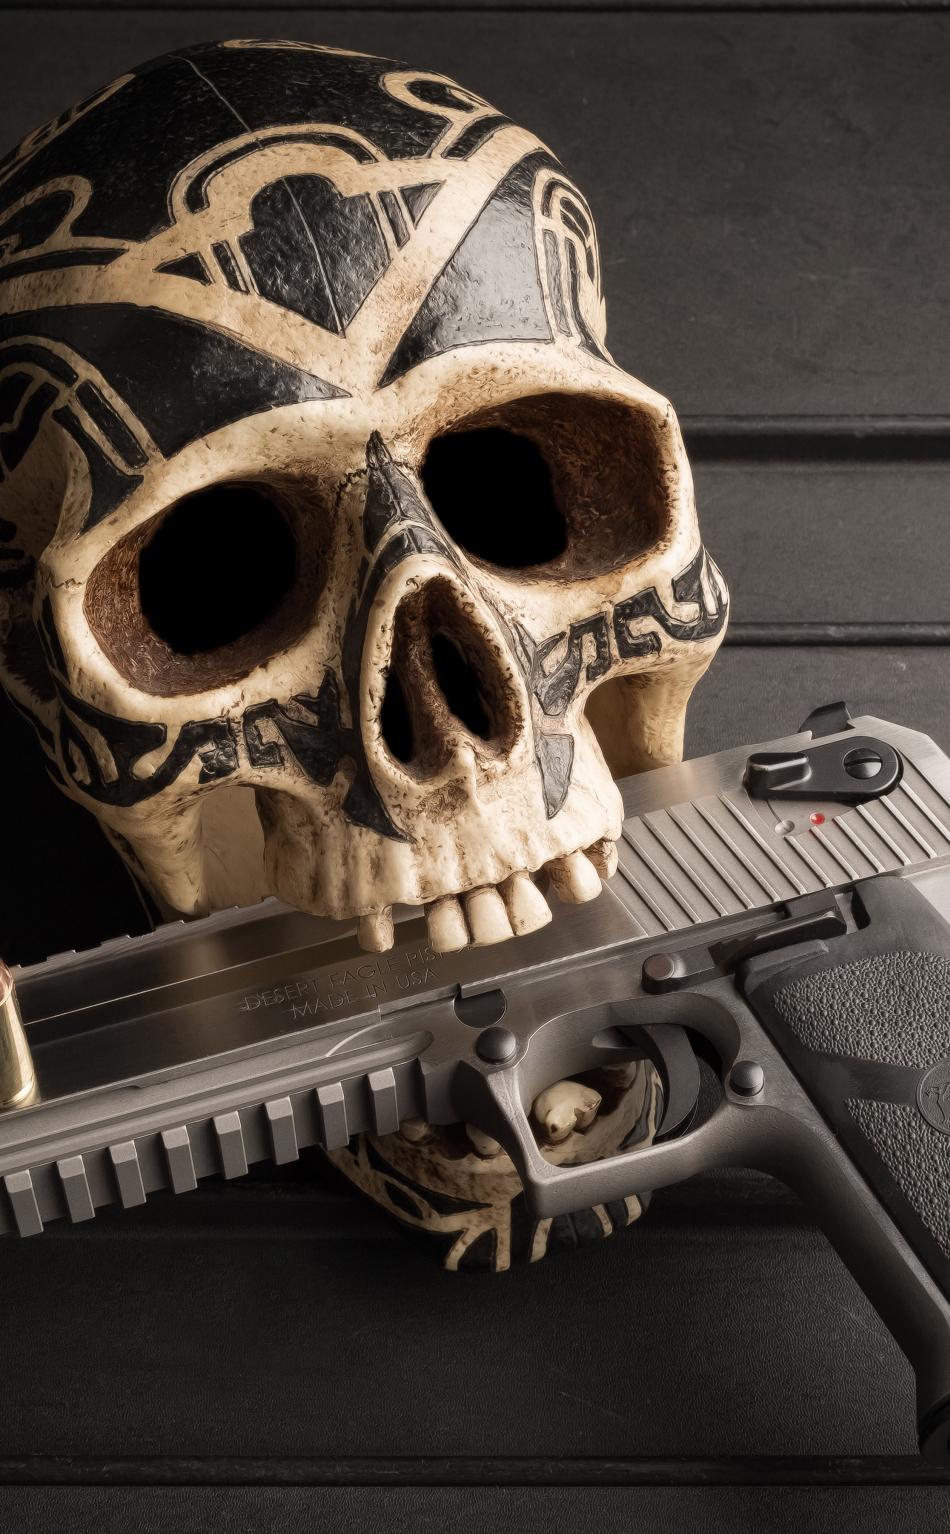 Skull pistol hd 4k wallpaper - Skull 4k images ...